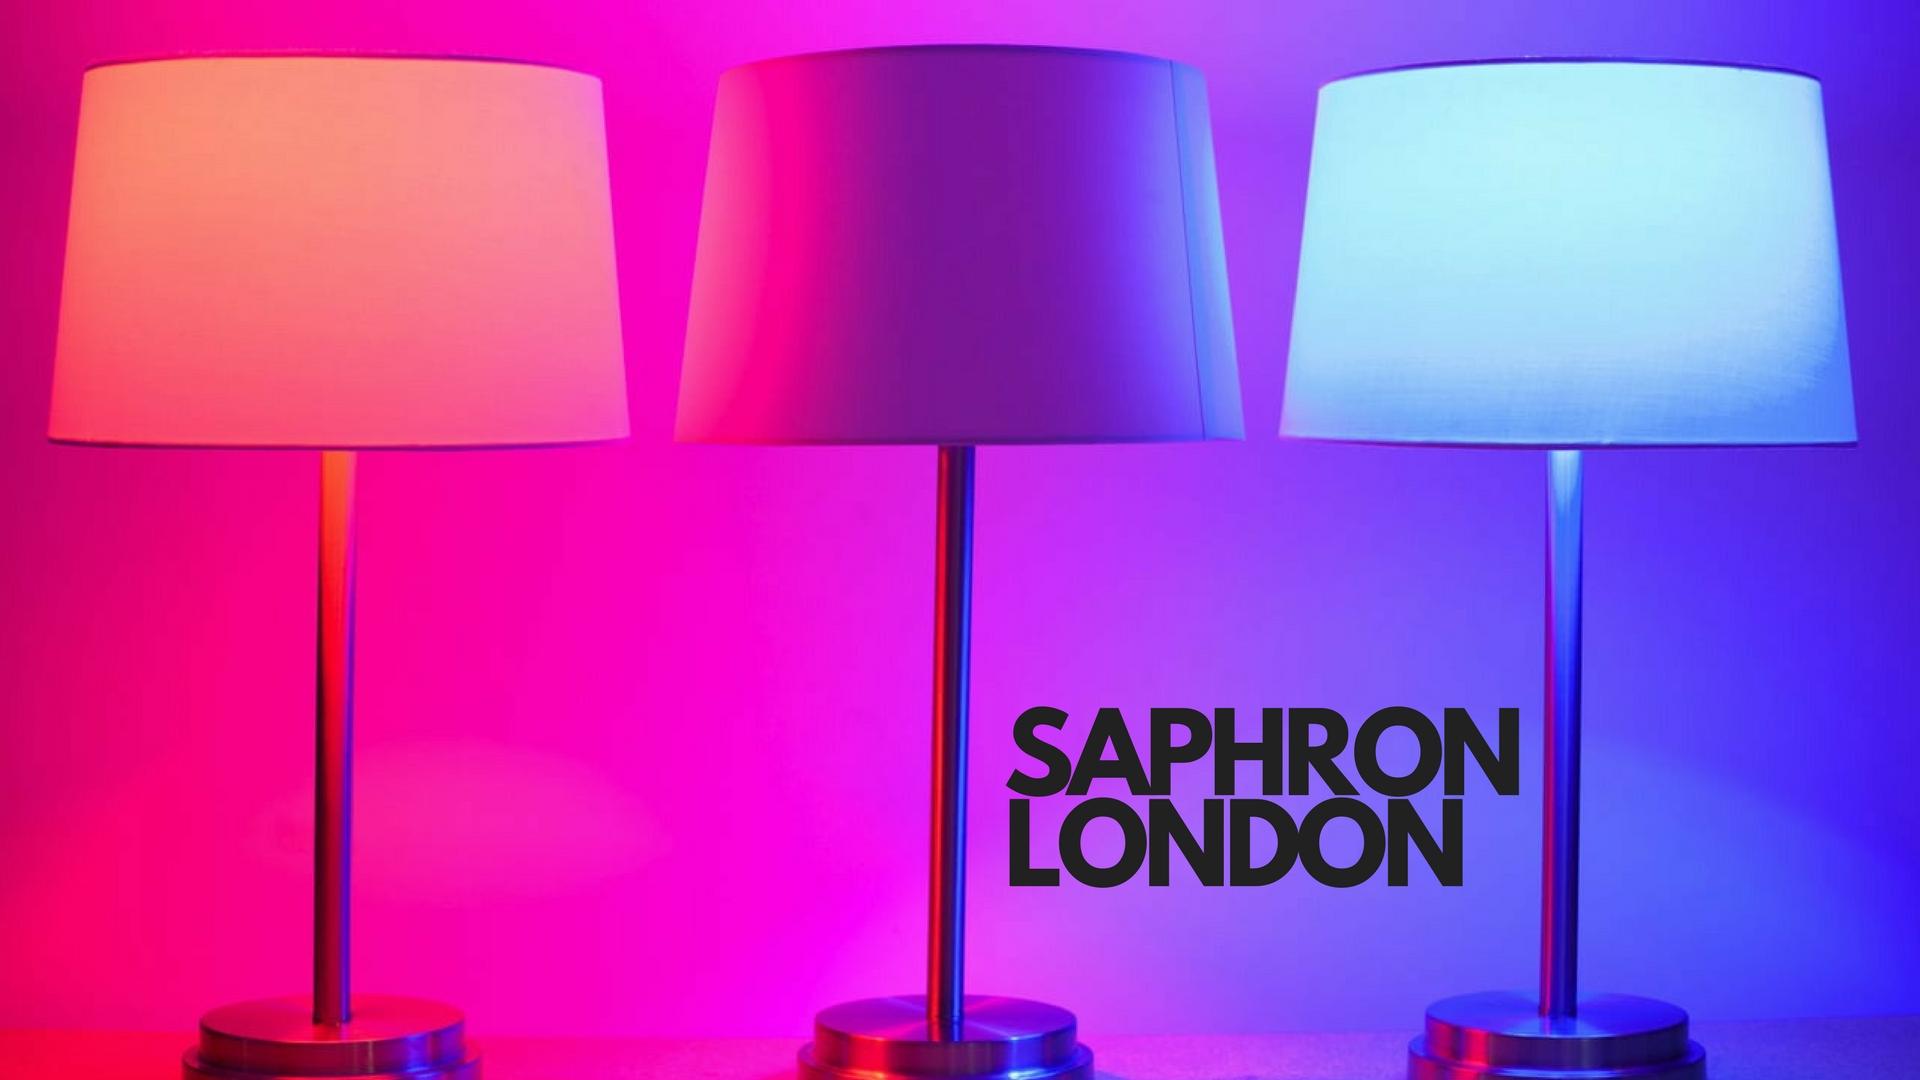 Saphron London